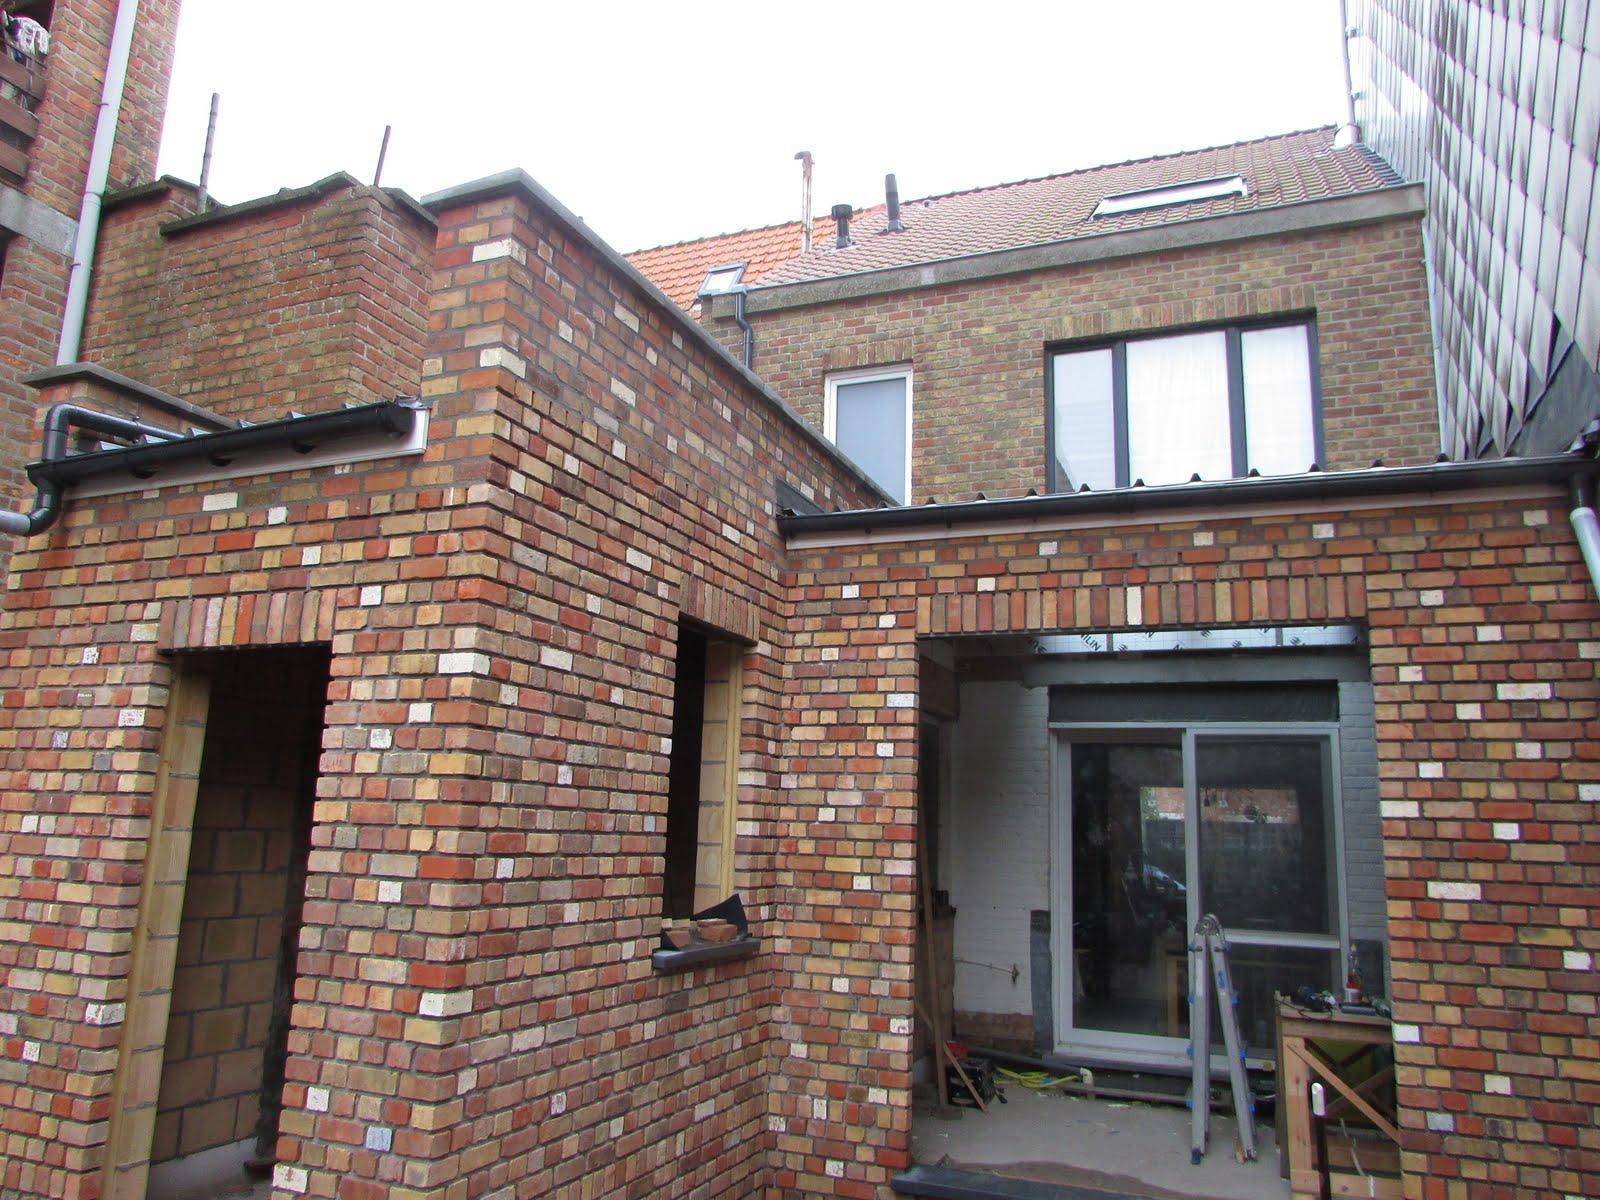 Verbouwing van ons ouderlijk huis: dakafwerking uitbreiding 3